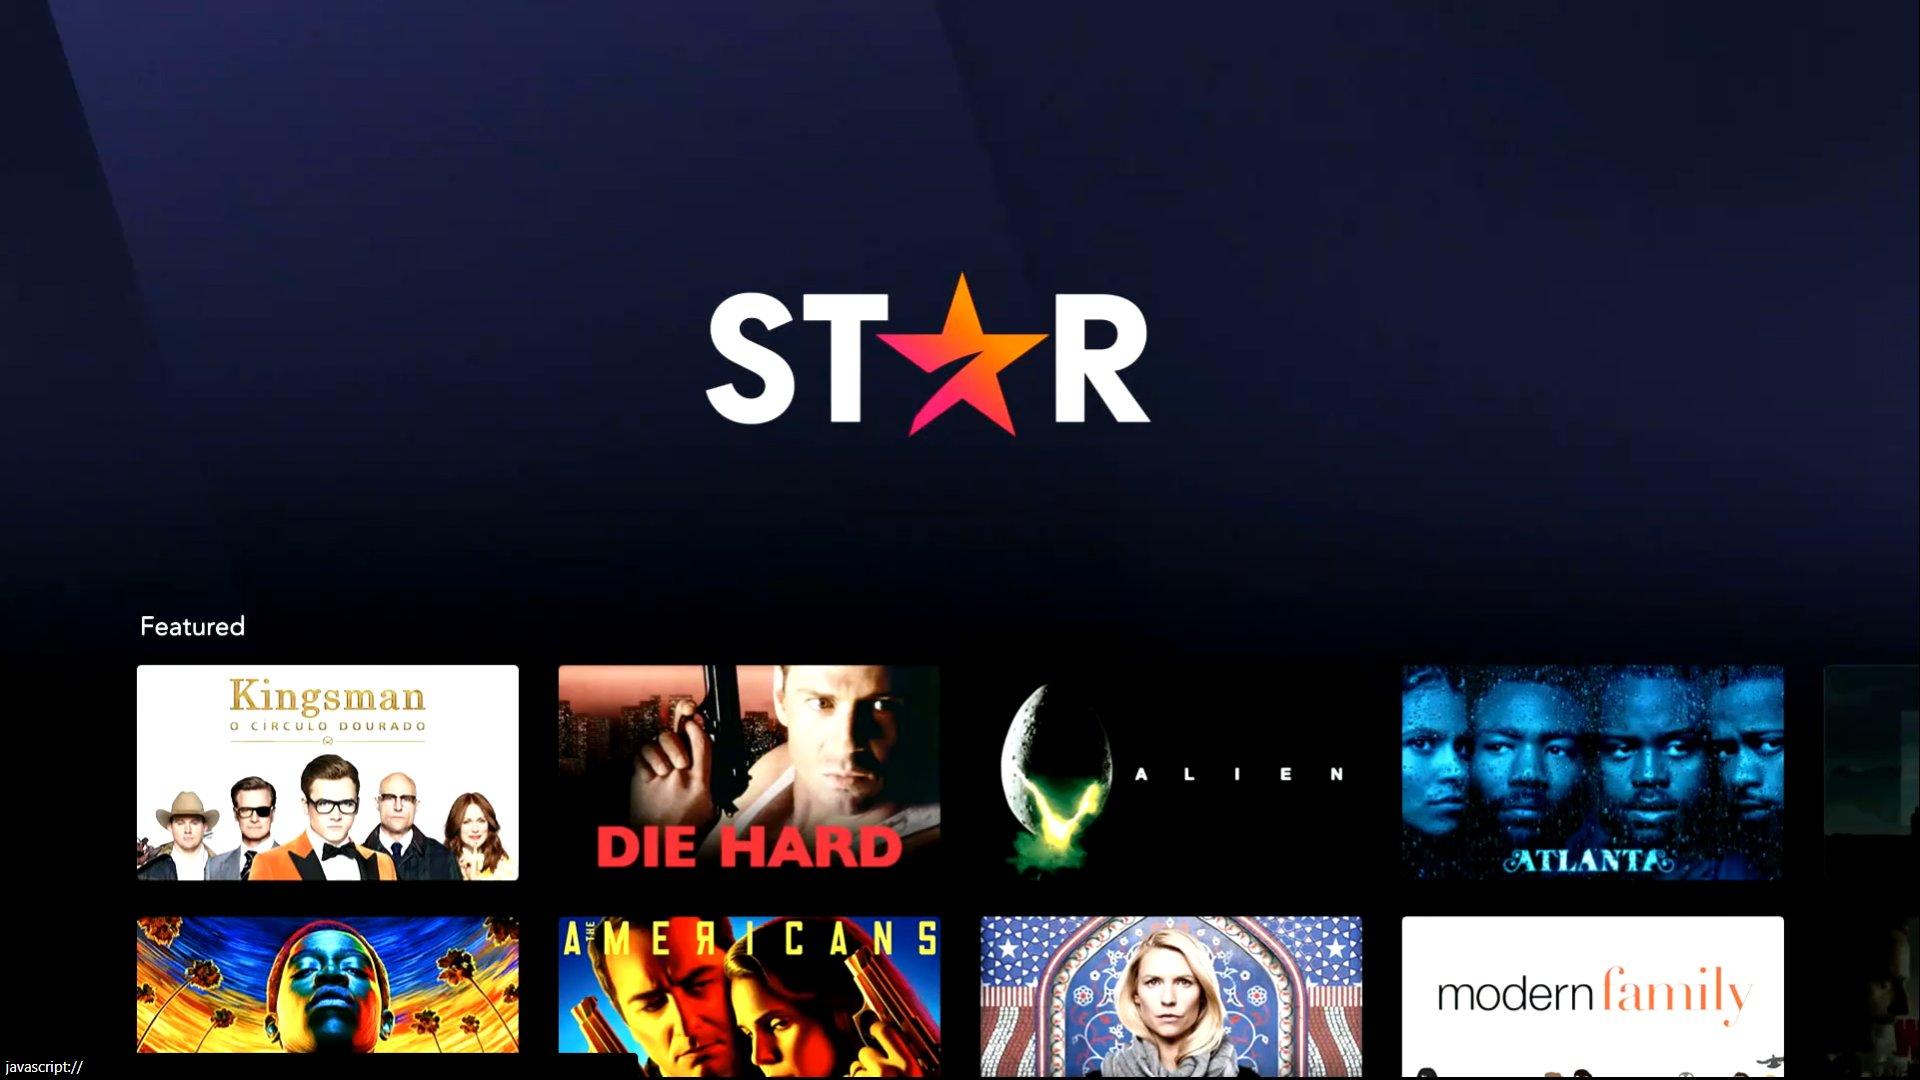 Star på Disney Plus